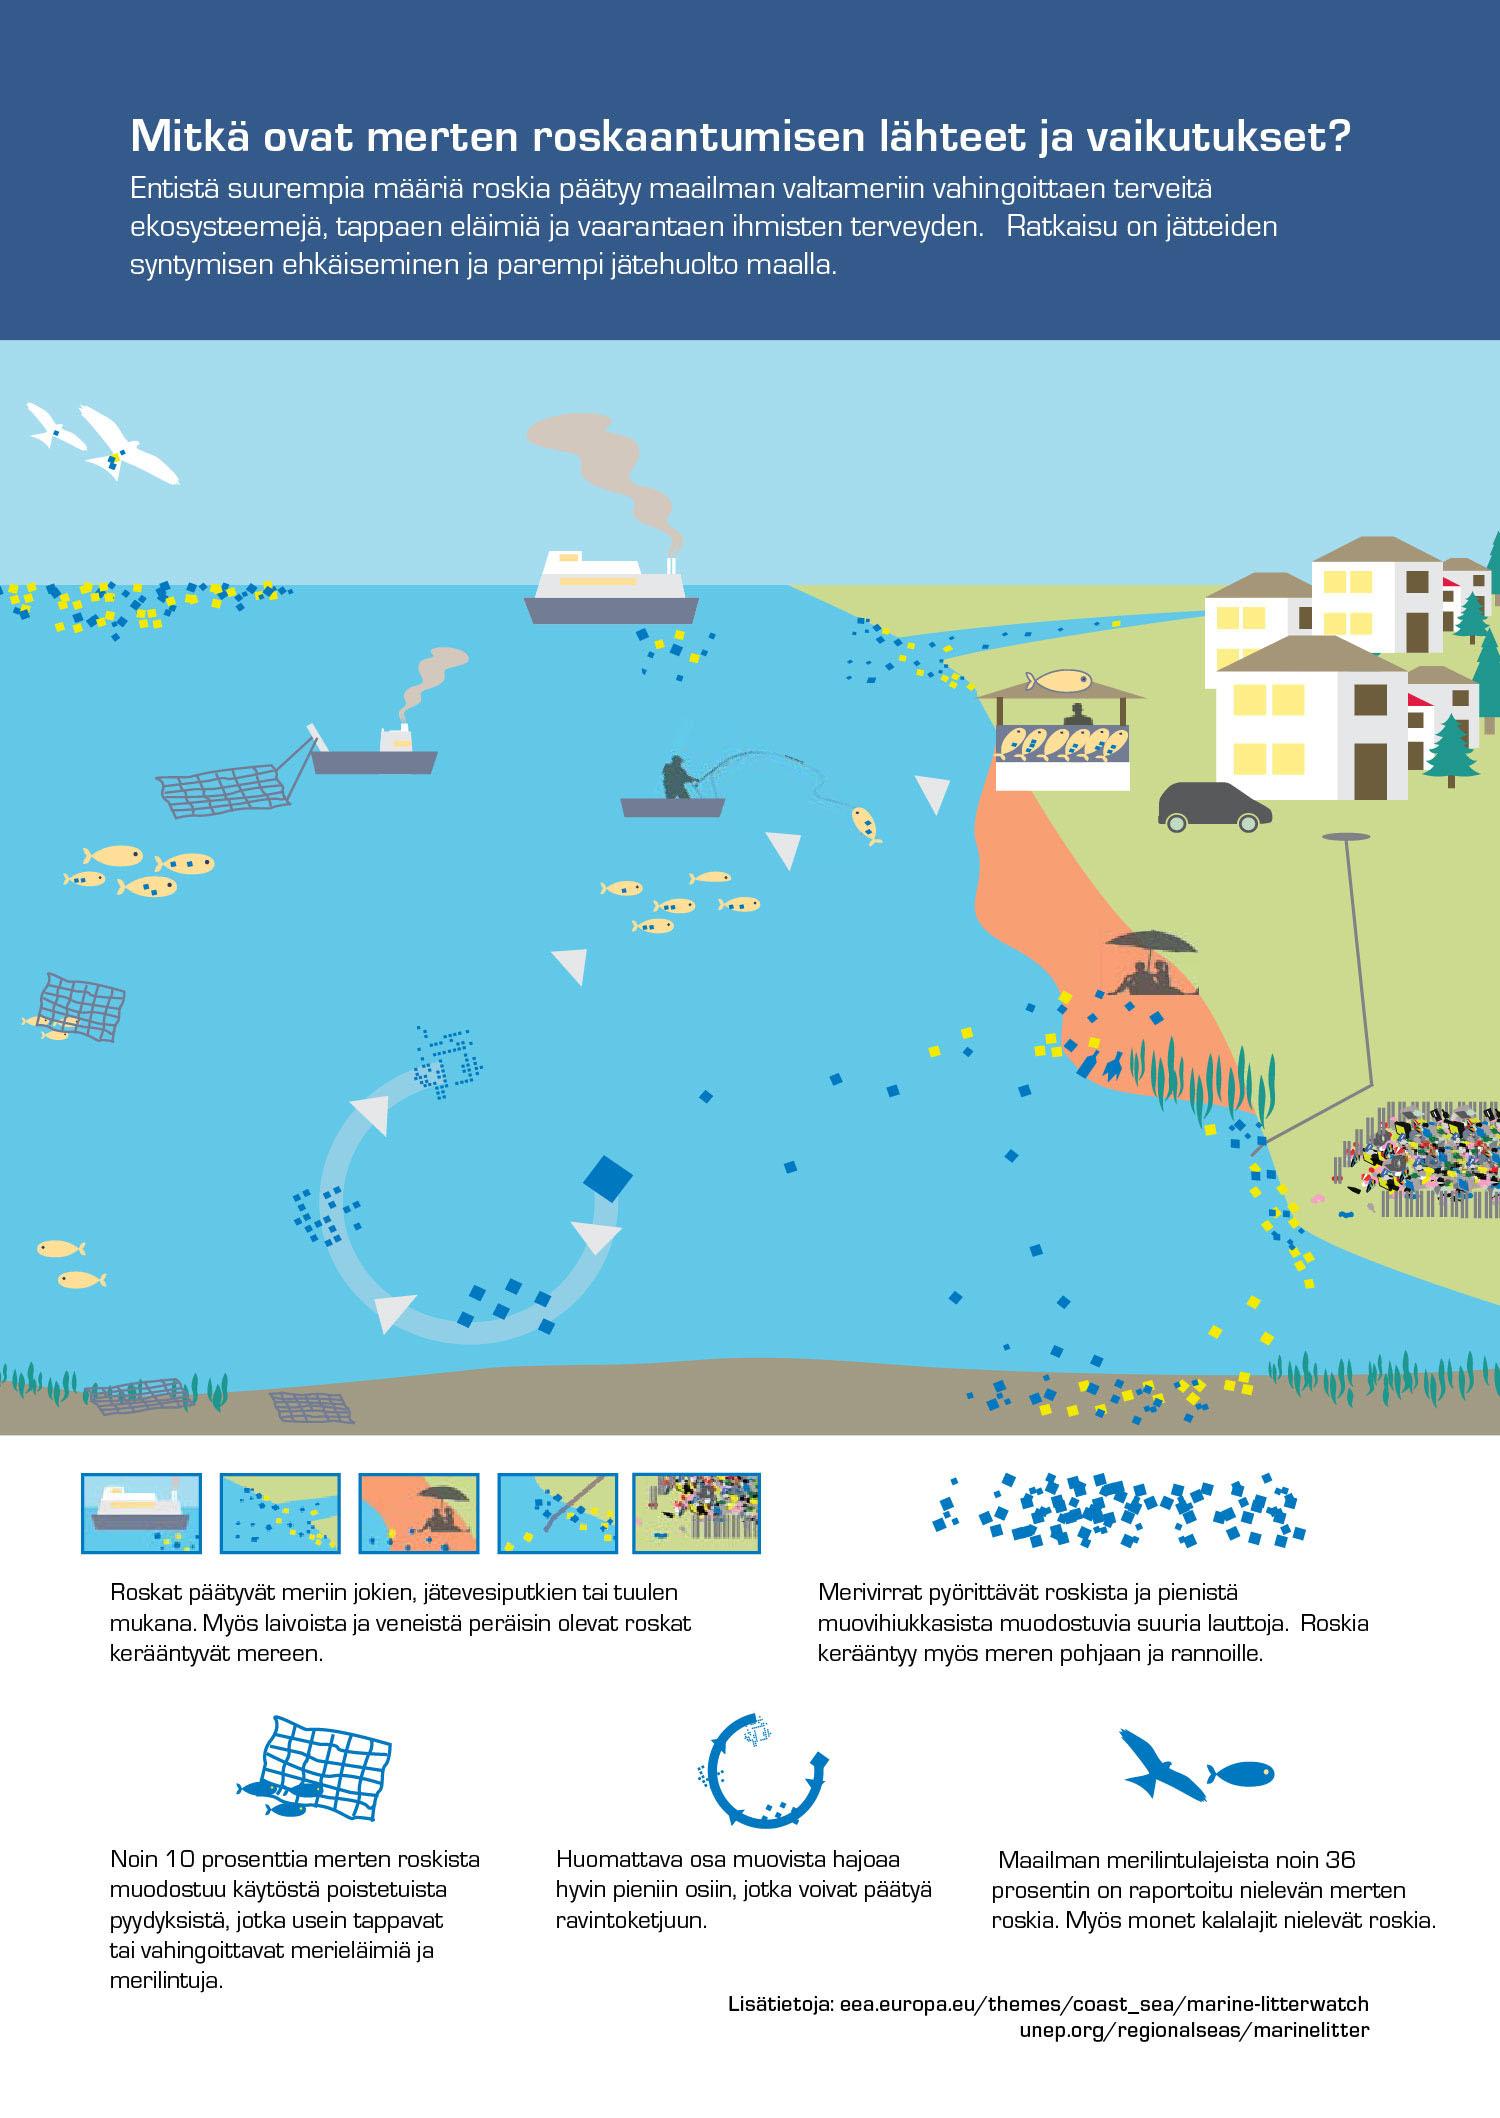 Mitkä ovat merten roskaantumisen lähteet ja vaikutukset?